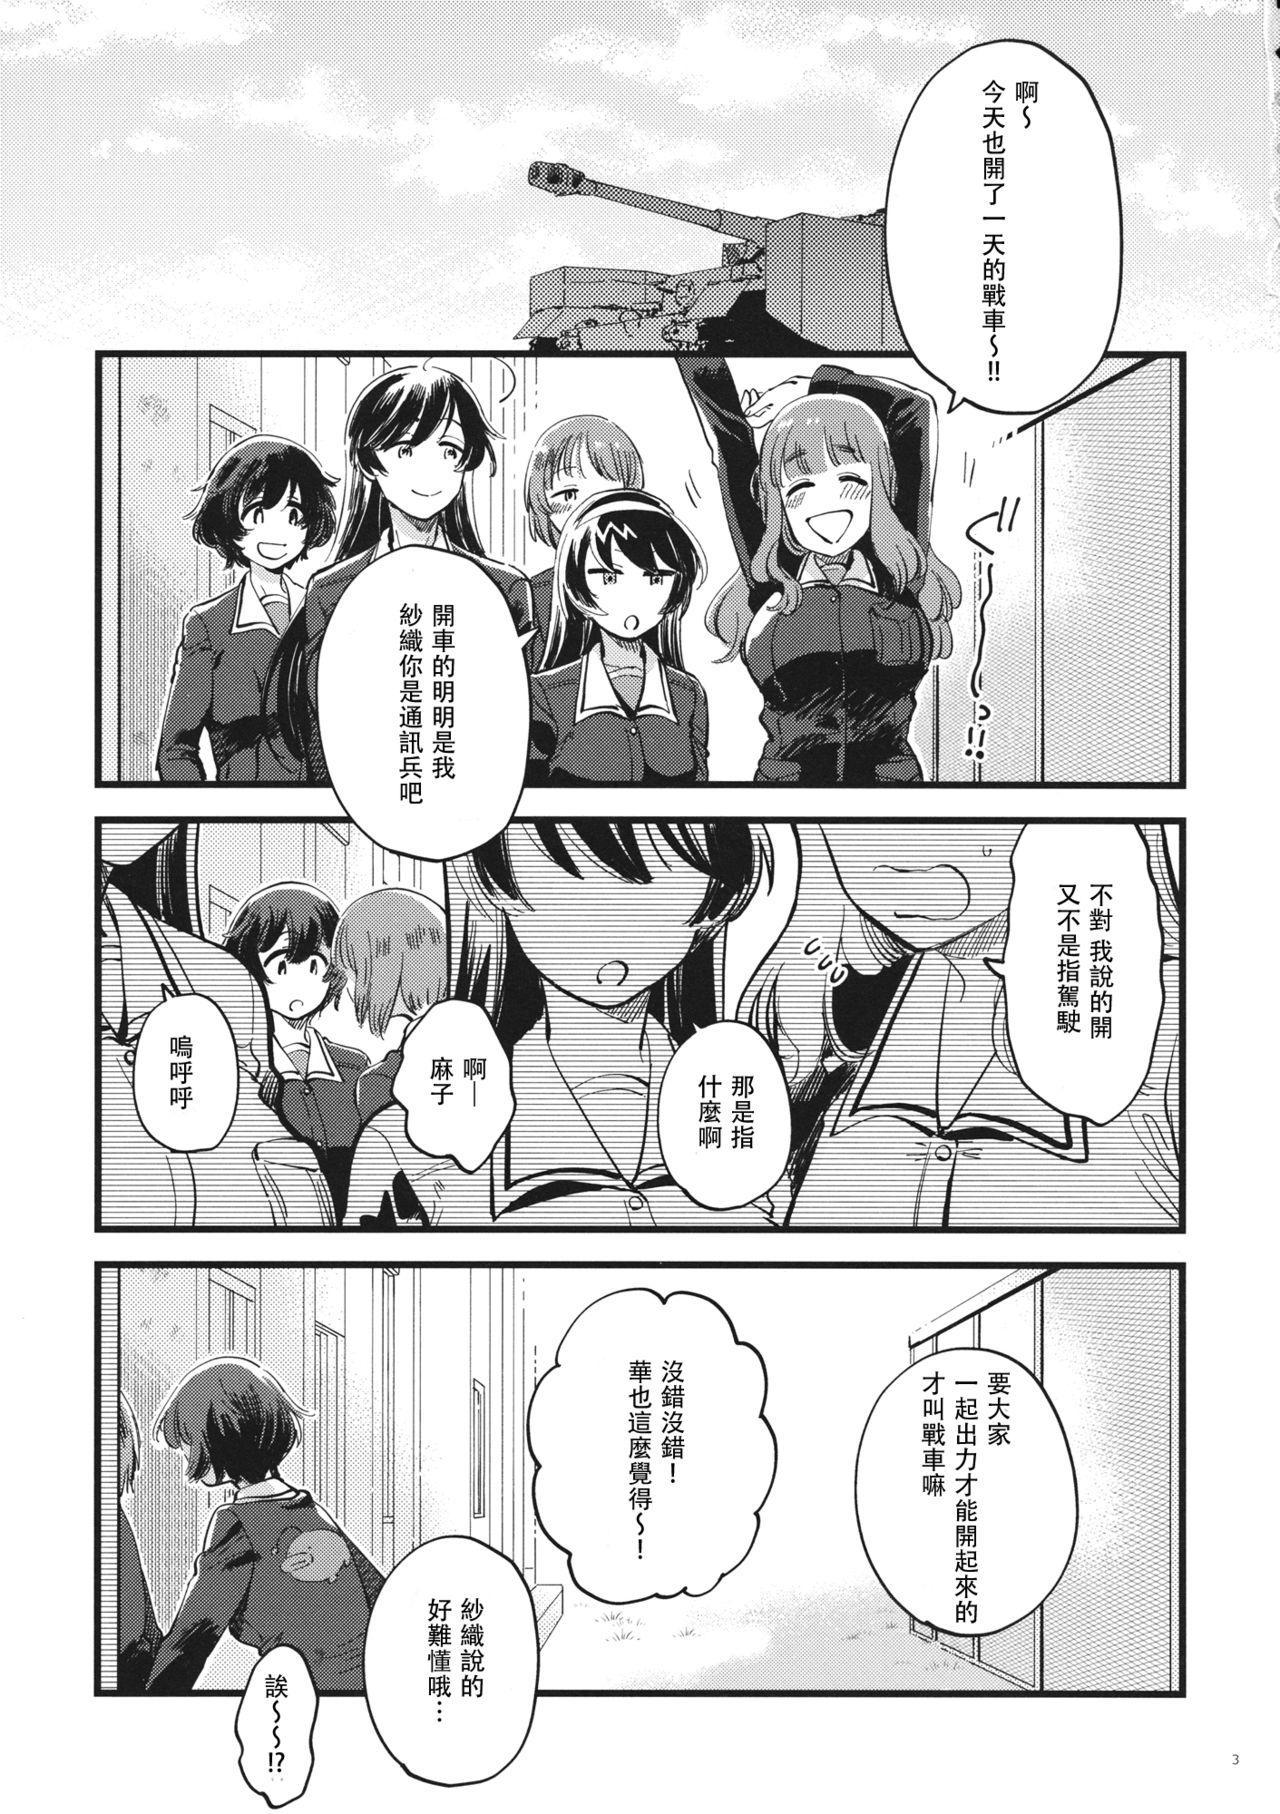 Yasashiku, Sawatte, Oku made Furete. 2